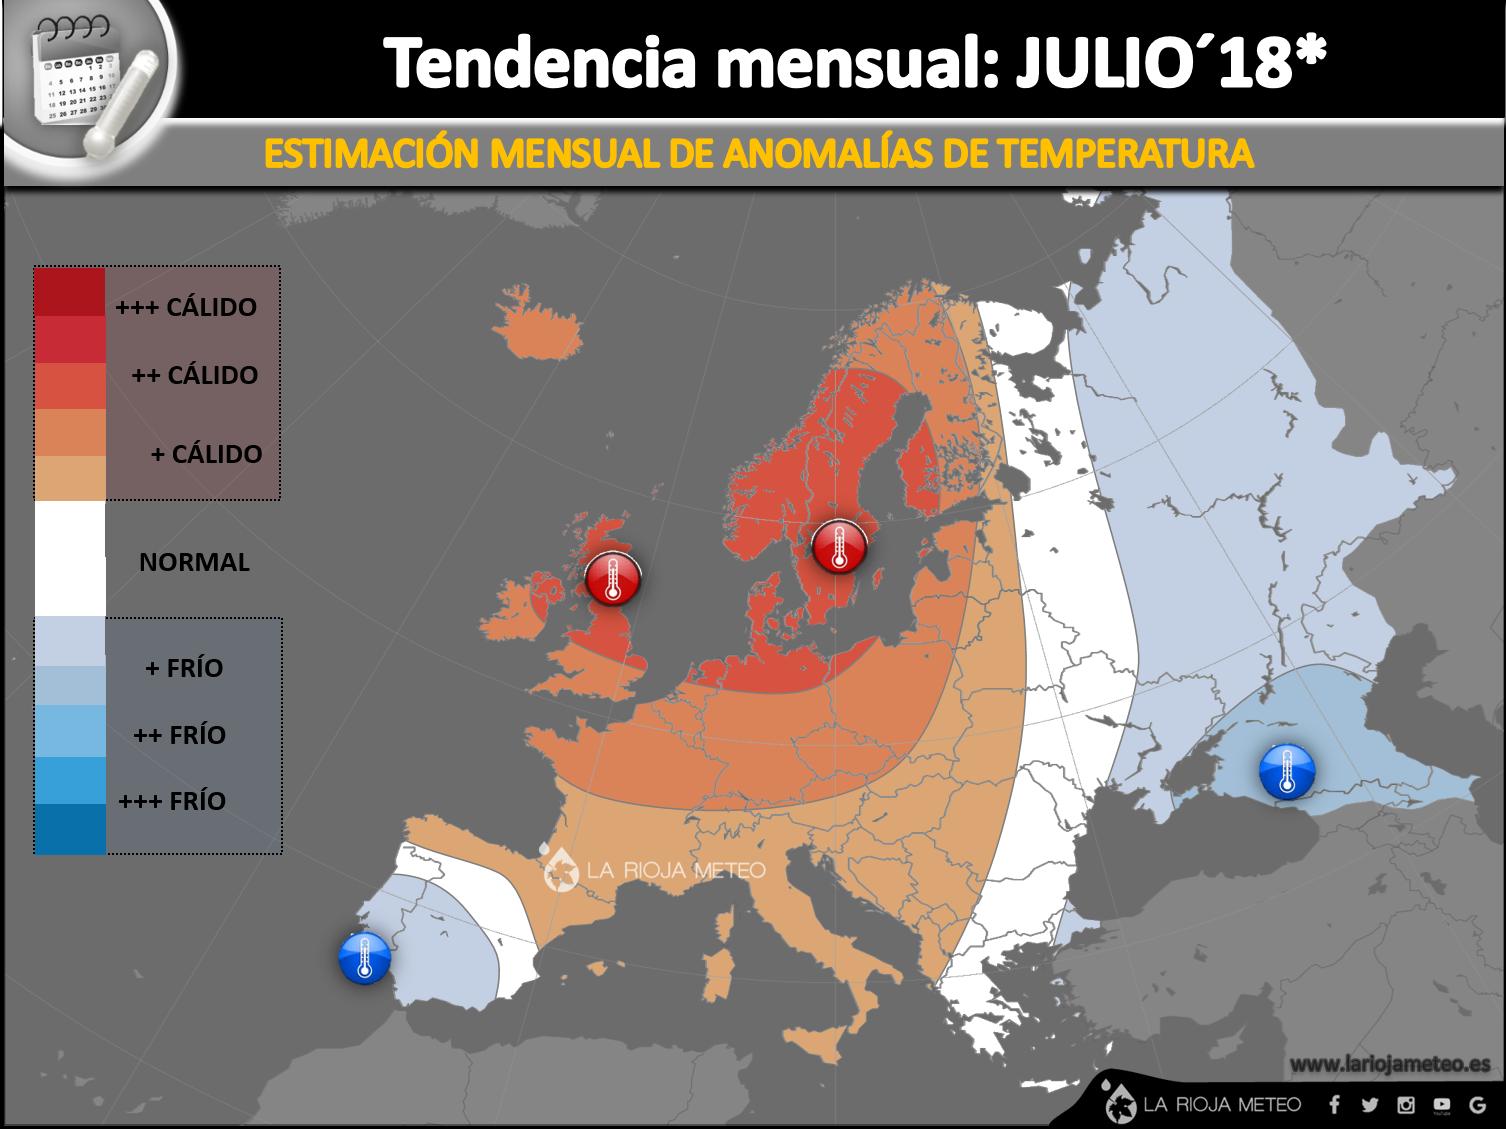 Estimación de las anomalías térmicas en Europa para el mes de Julio 2018